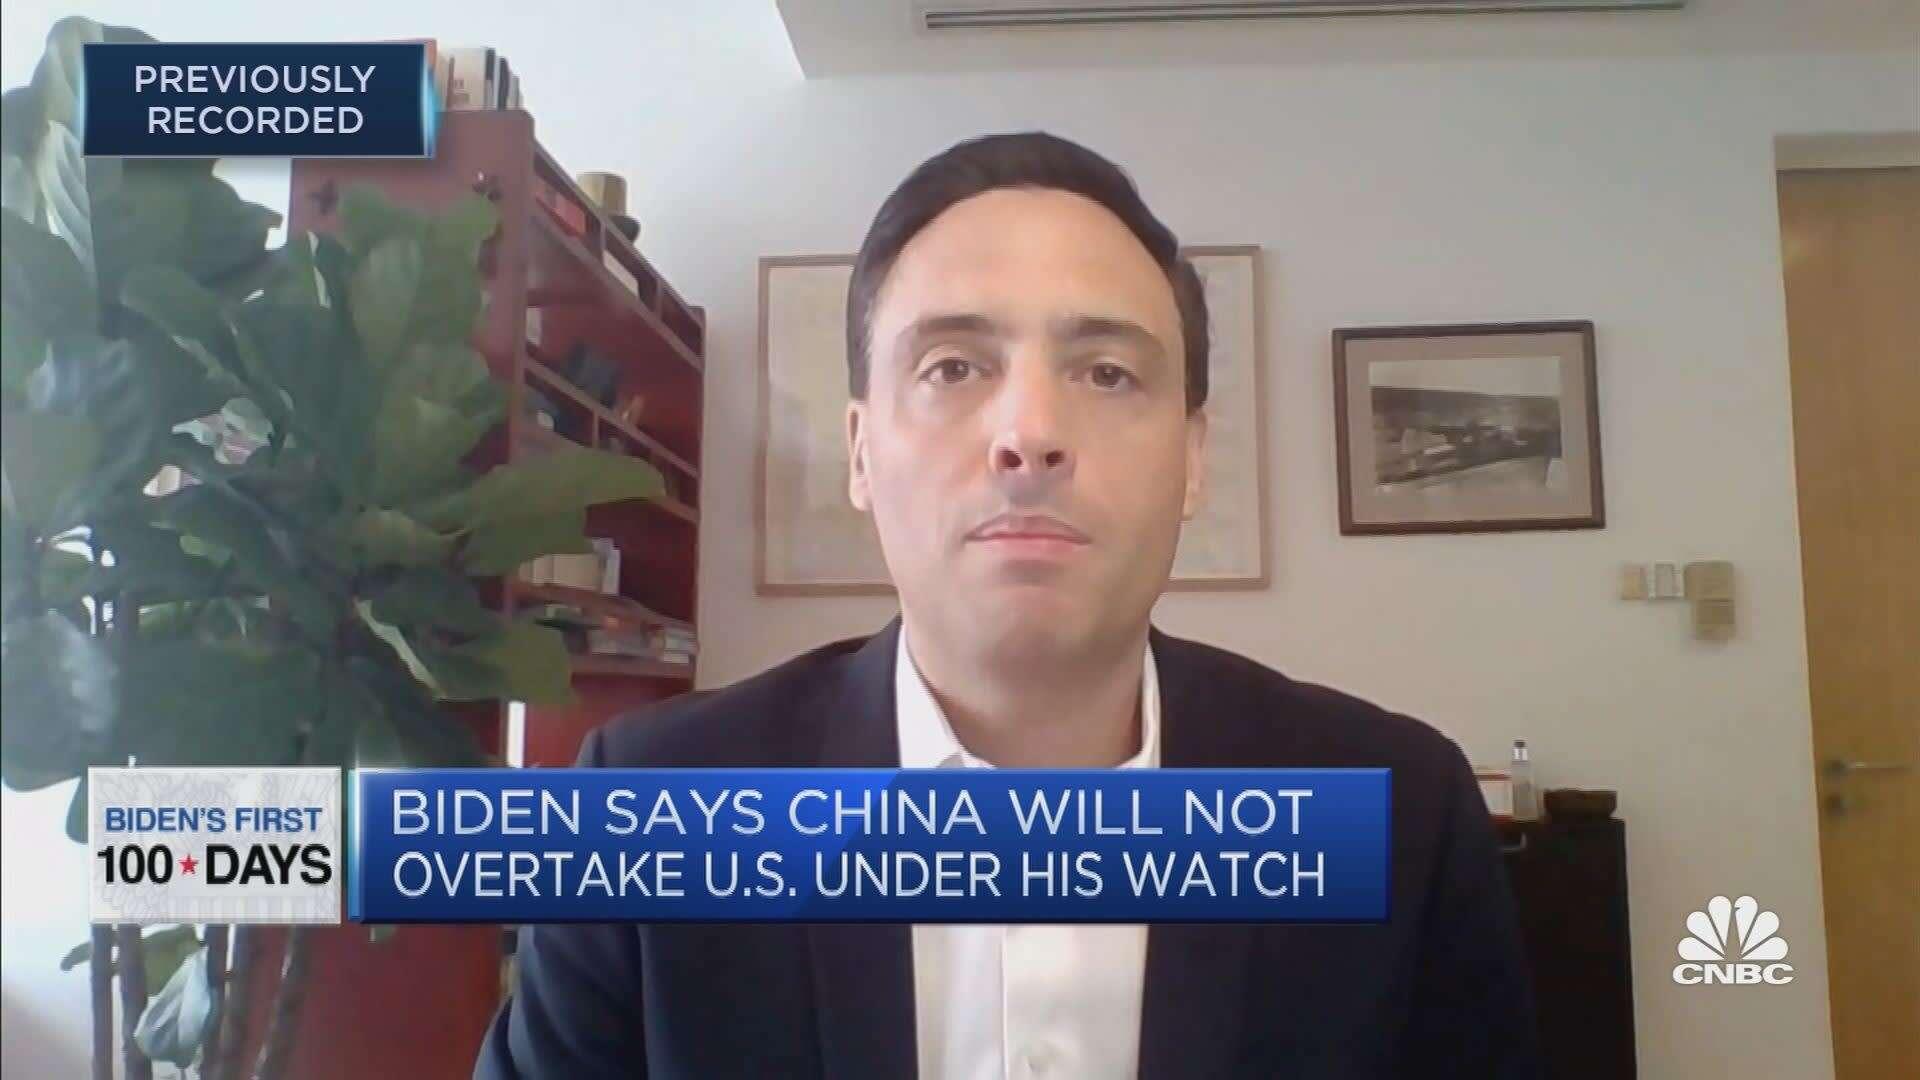 拜登任内不会让中国超越美国?美媒:按人均GDP来算要再等50年